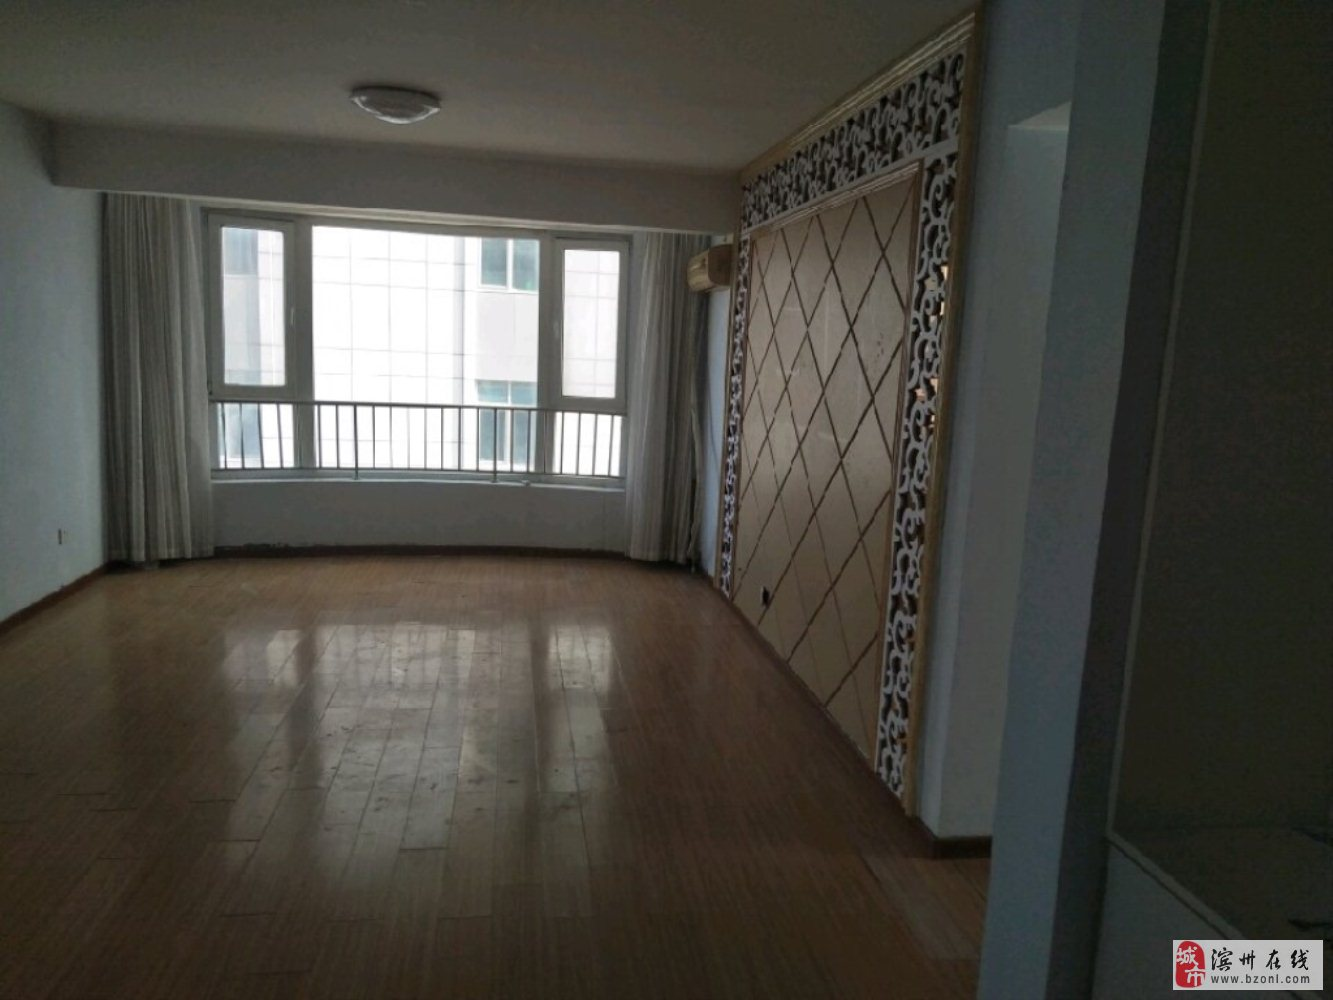 国际大厦3室2厅2卫132万元